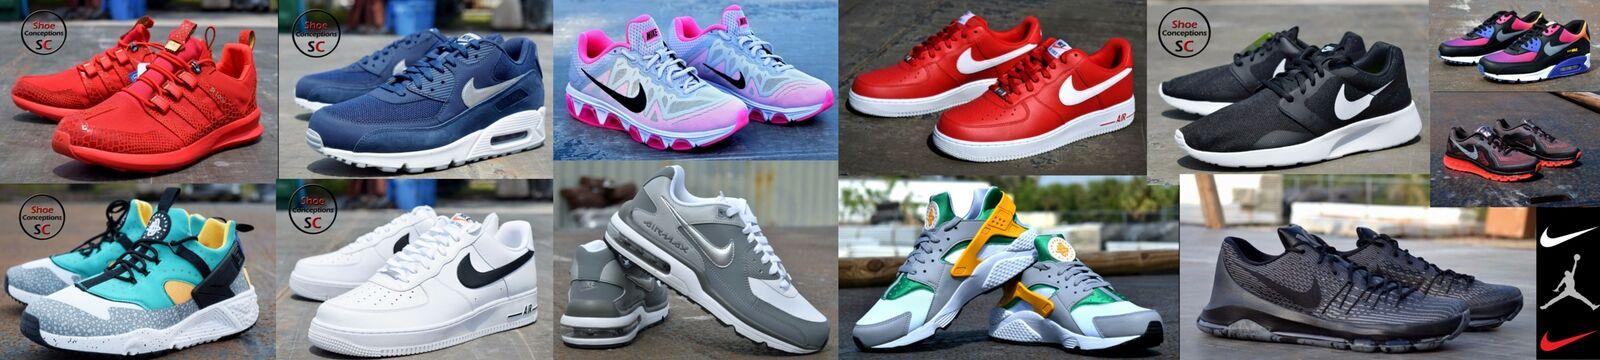 Shoe Conceptions